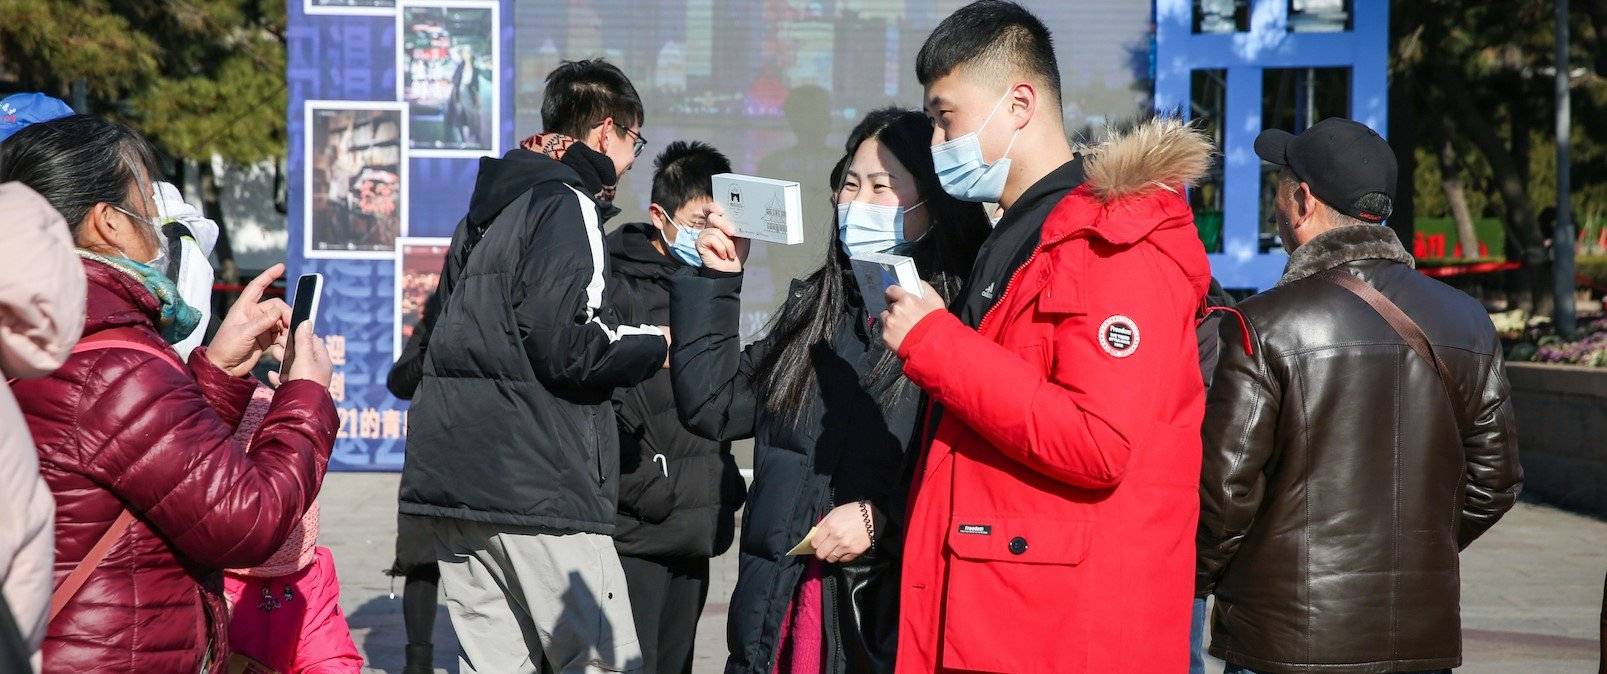 """Foto: """"obs/Stadt Qingdao""""  Bildrechte: Stadt Qingdao  Fotograf: Stadt Qingdao"""